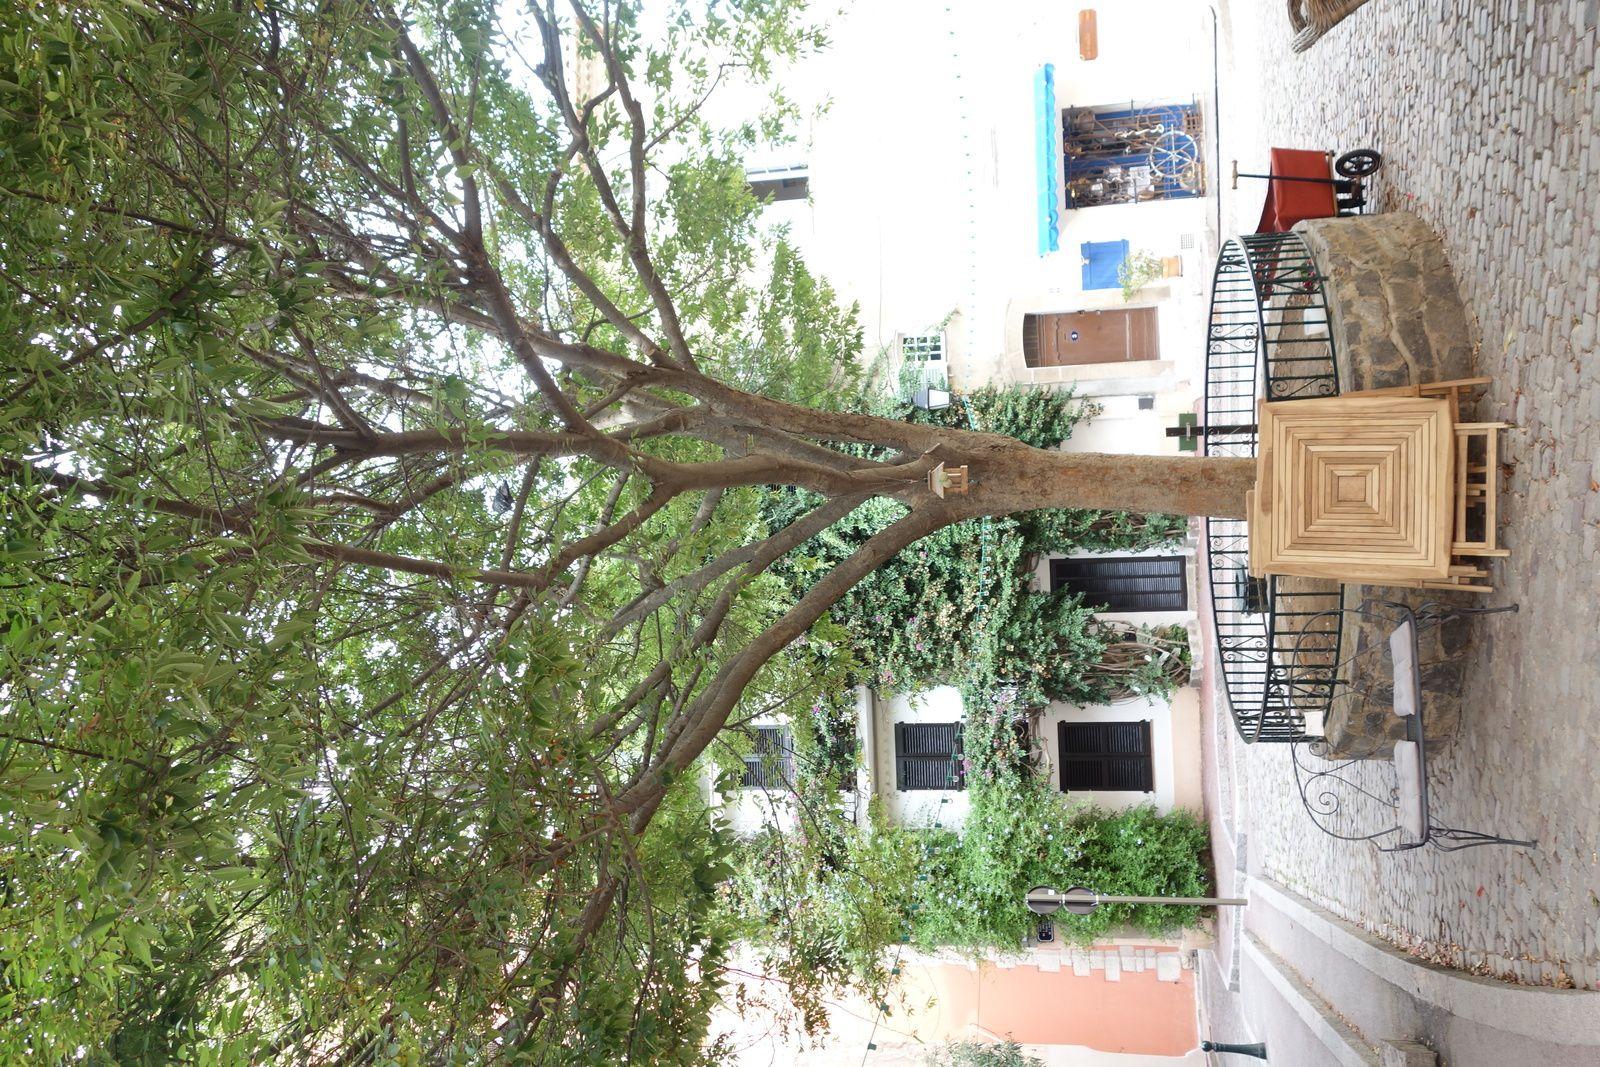 Des petites places avec au milieu un arbre ou une fontaine.